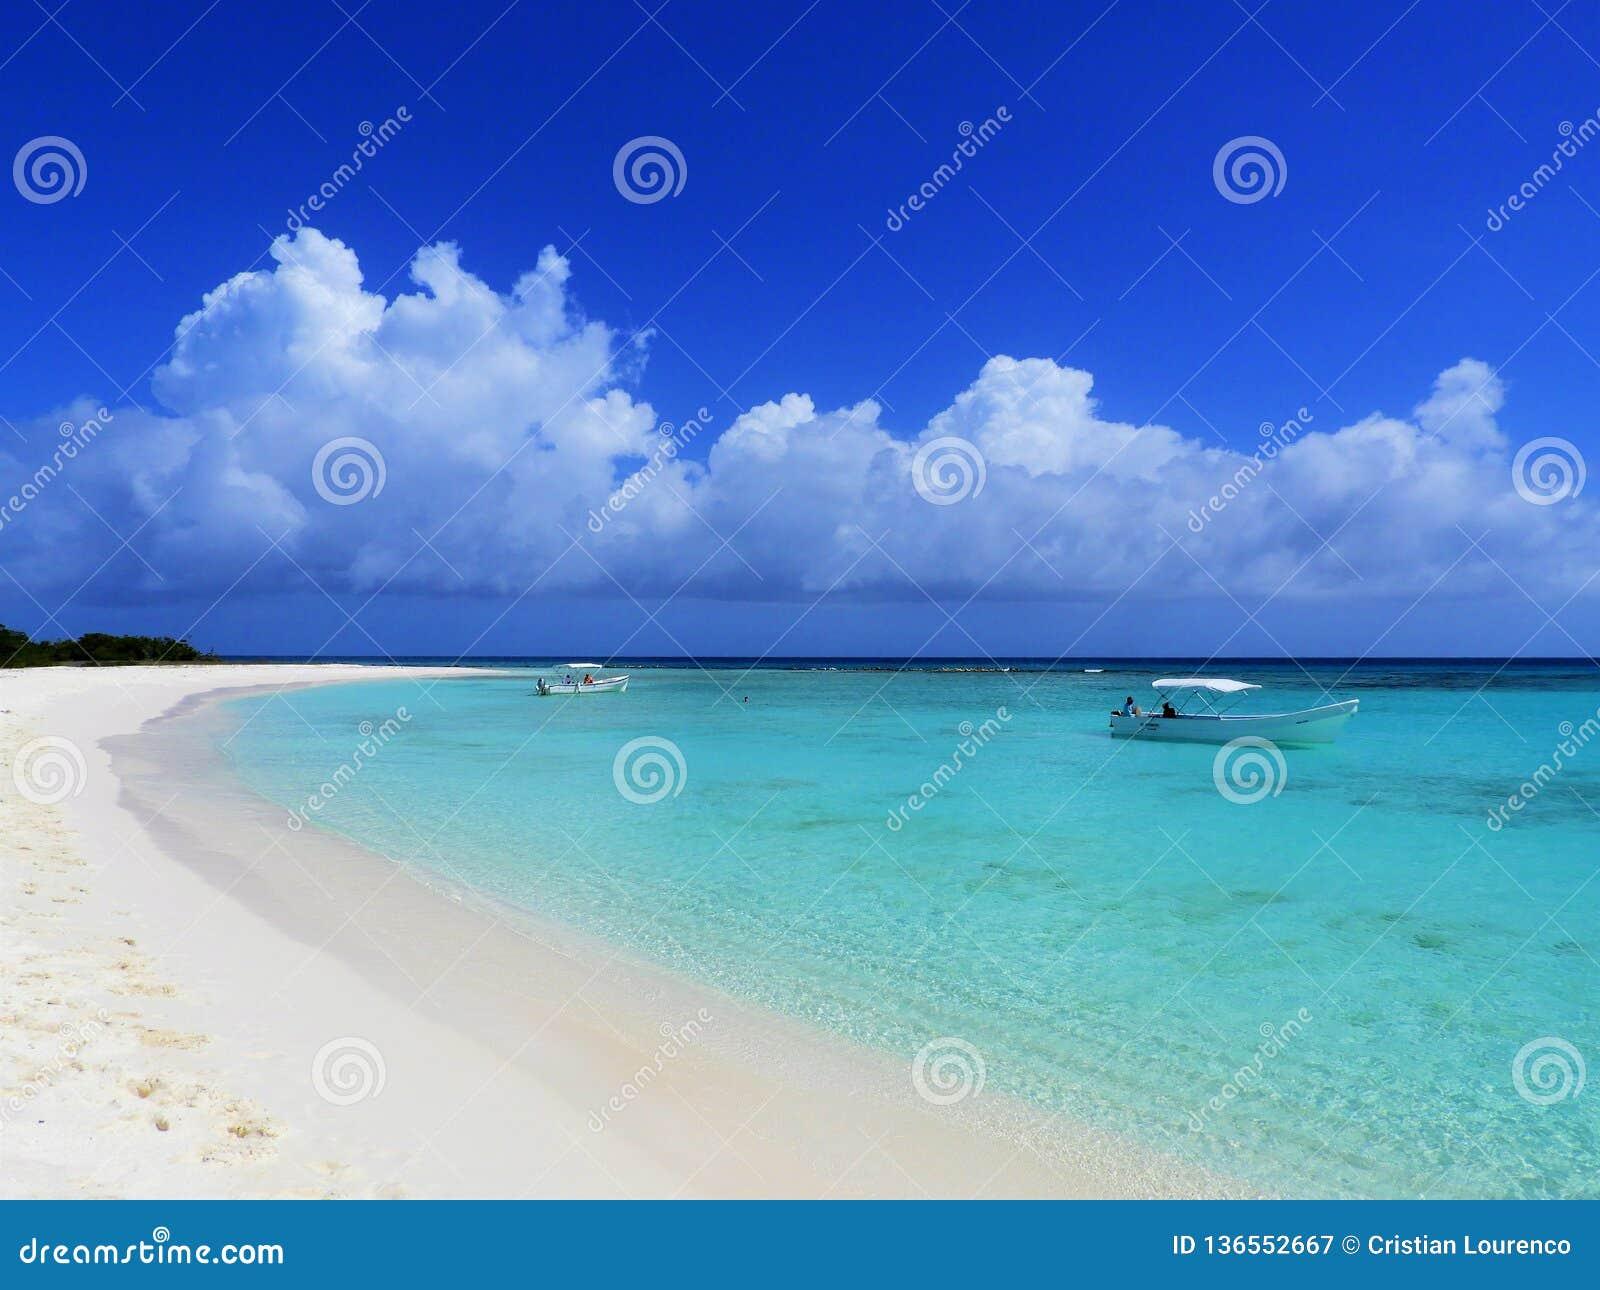 Morze Karaibskie, Los Roques Być na wakacjach w błękitnych dennych i opustoszałych wyspach